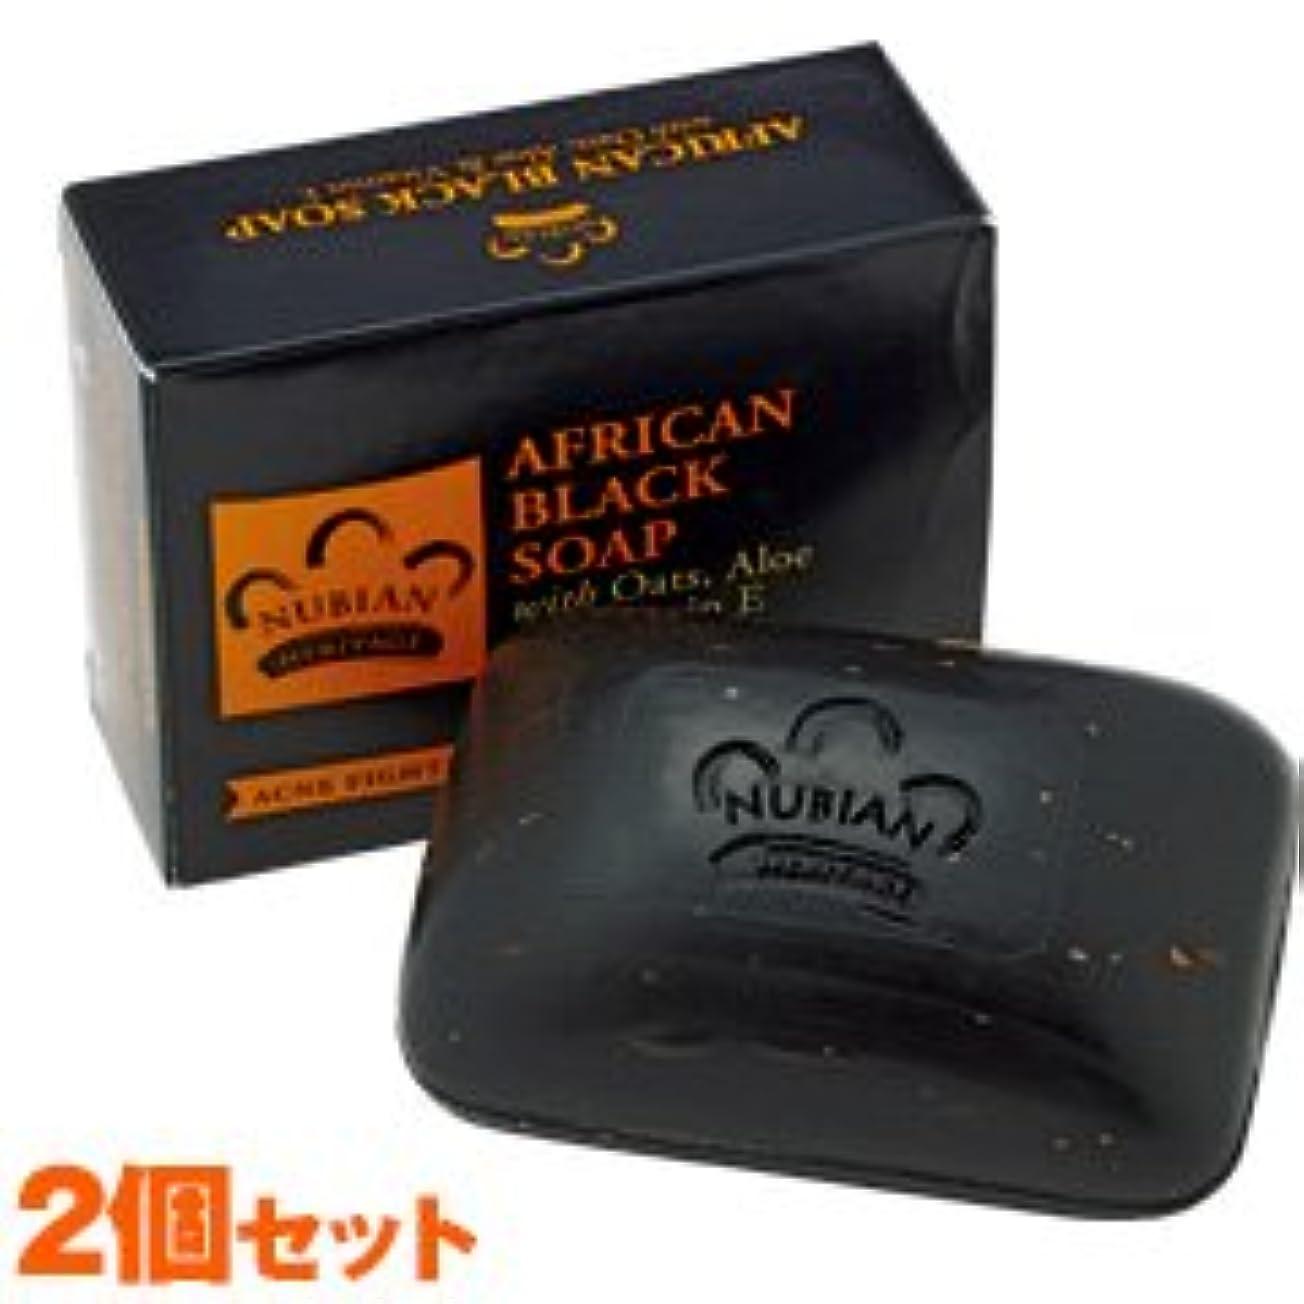 あご逸脱あいまいなヌビアン ヘリテージ(NUBIAN HERITAGE)アフリカン ブラック ソープバー 2個セット 141gX2[並行輸入品][海外直送品]